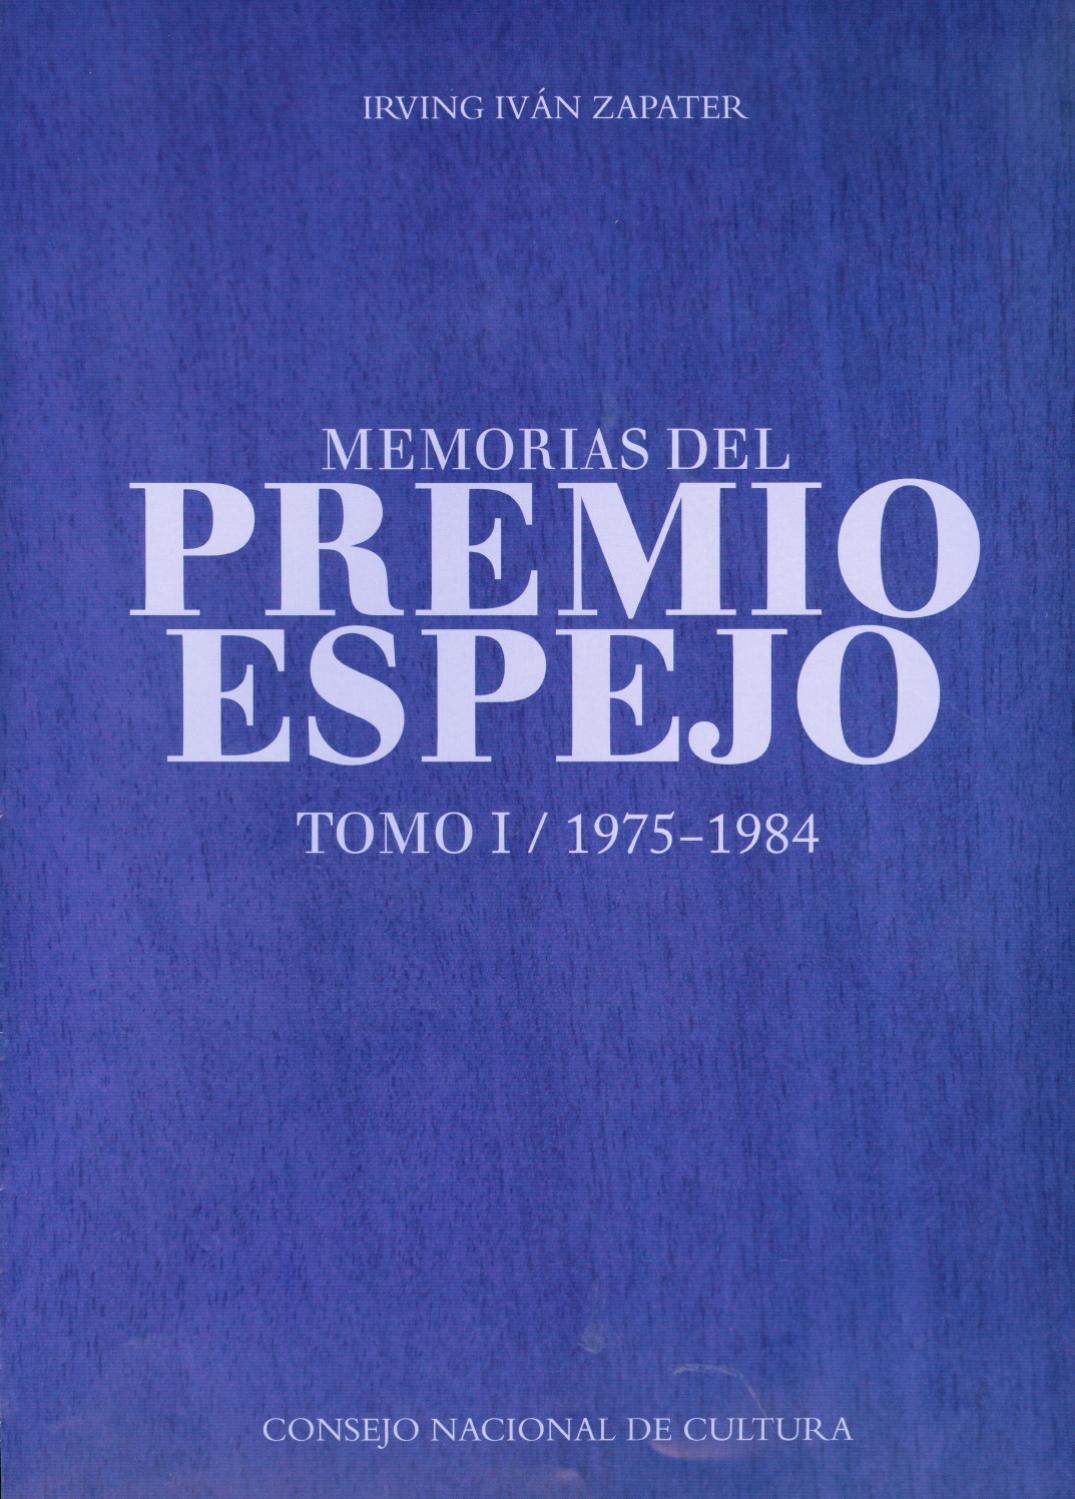 Memorias del Premio Espejo. Tomo I 1975-1984 by Consejo Nacional ...